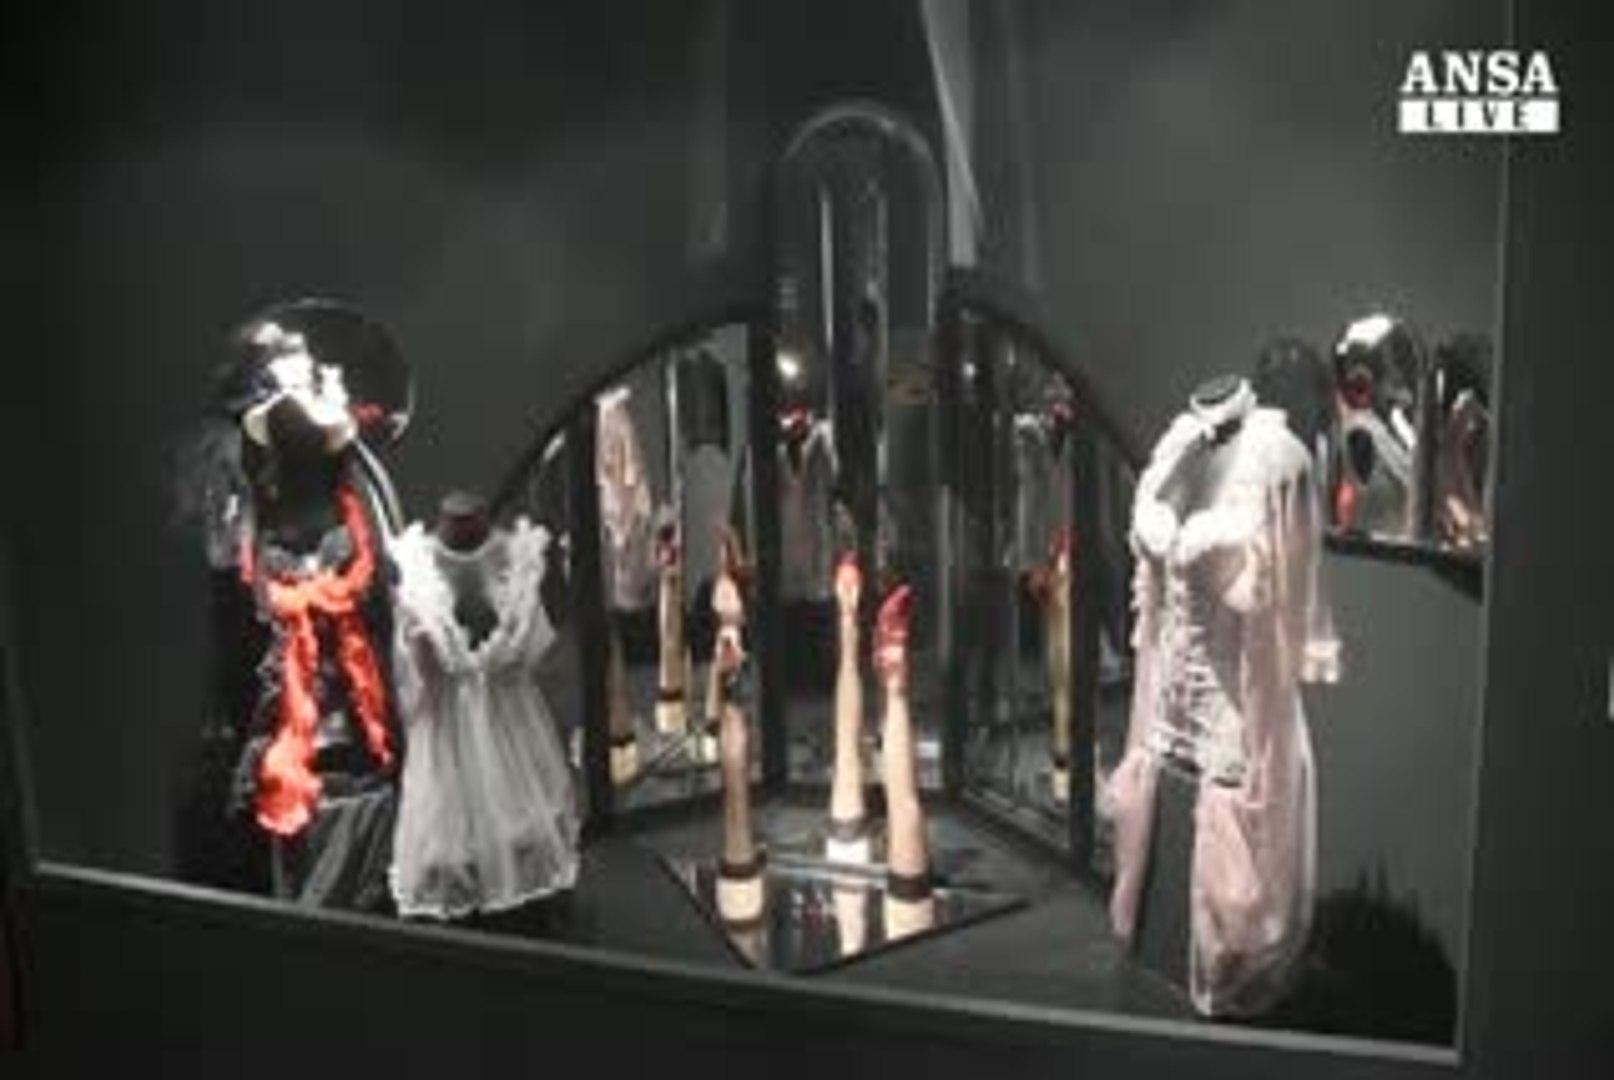 Lo 'sguardo libero' di Tinto Brass in mostra a Roma